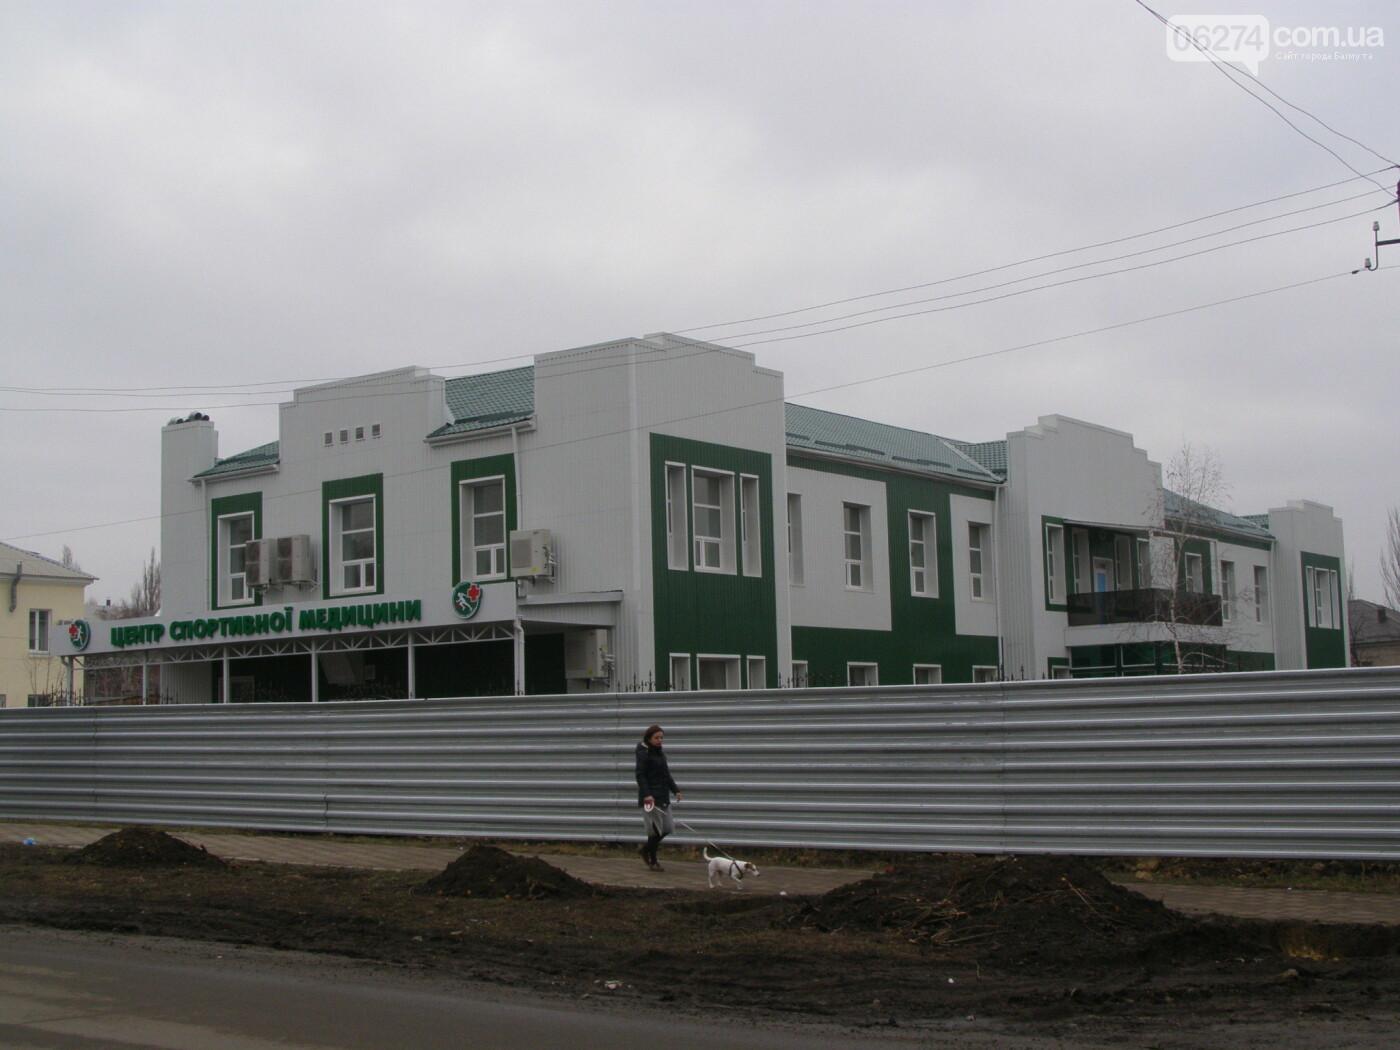 Во врачебно-физкультурном диспансере в Бахмуте завершена реконструкция главного корпуса и общежития, фото-16